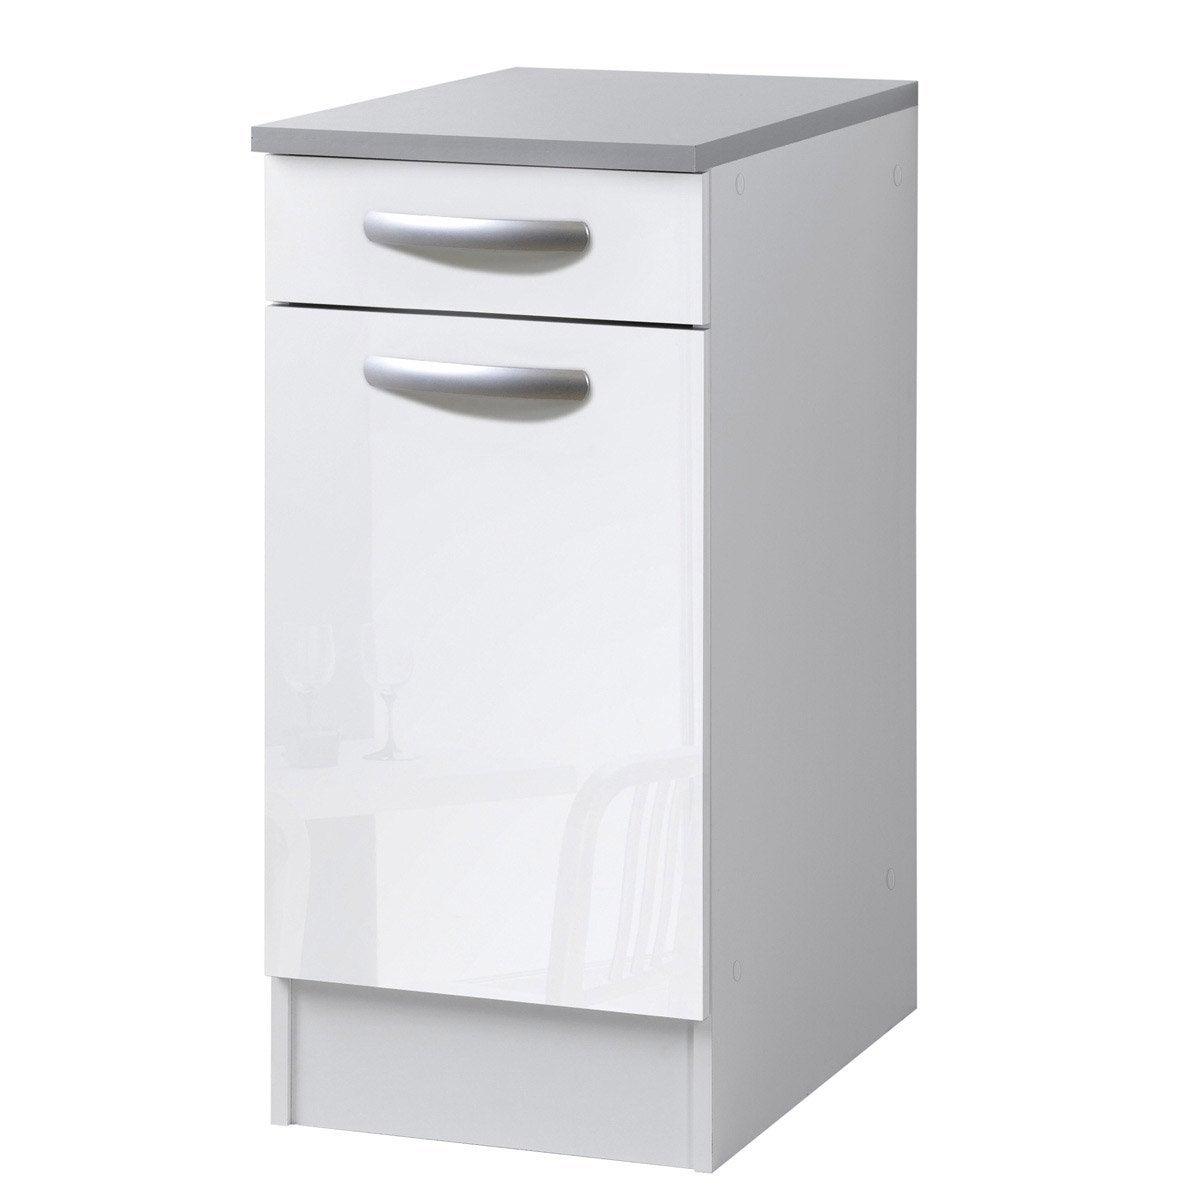 meuble de cuisine bas 1 porte 1 tiroir blanc brillant h86x l40x p60cm leroy merlin. Black Bedroom Furniture Sets. Home Design Ideas